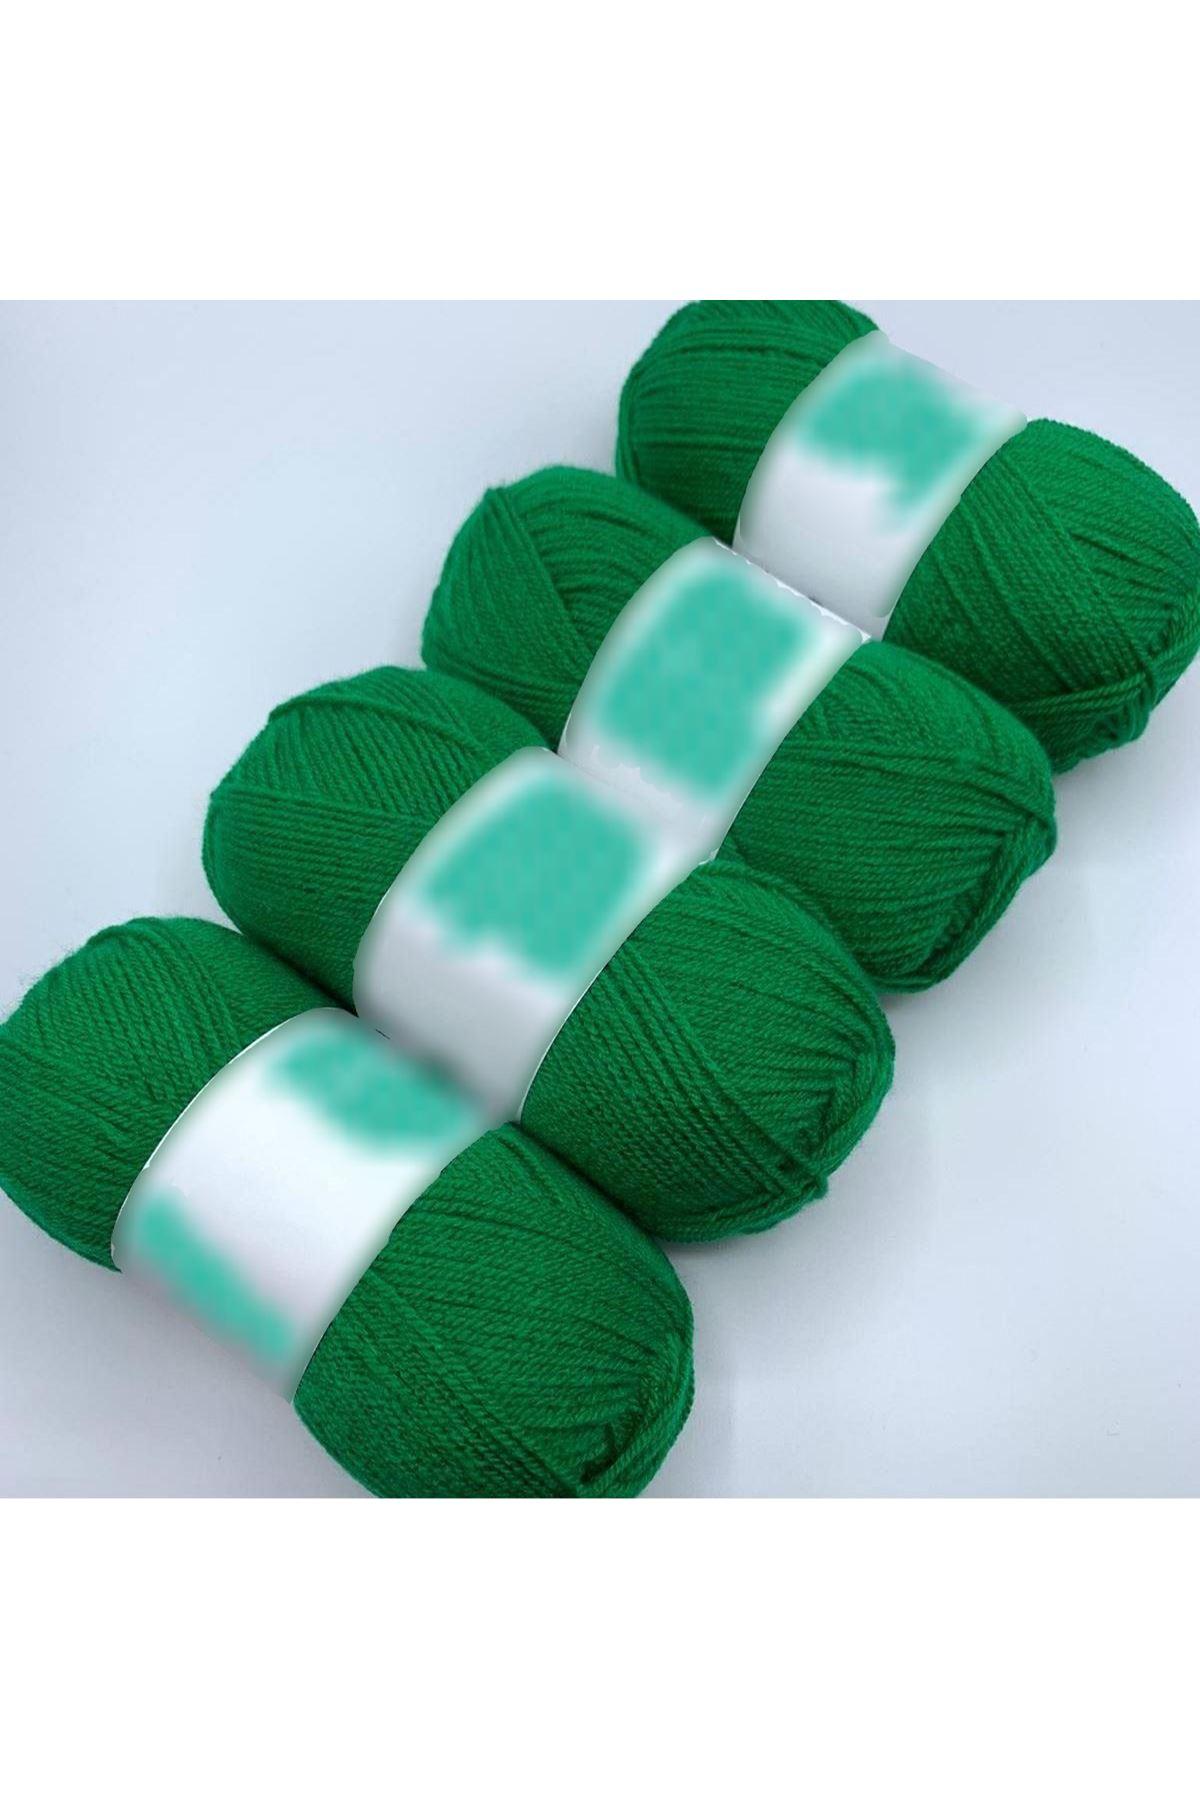 İhrac Fazlası 103 4'lü Paket Yeşil